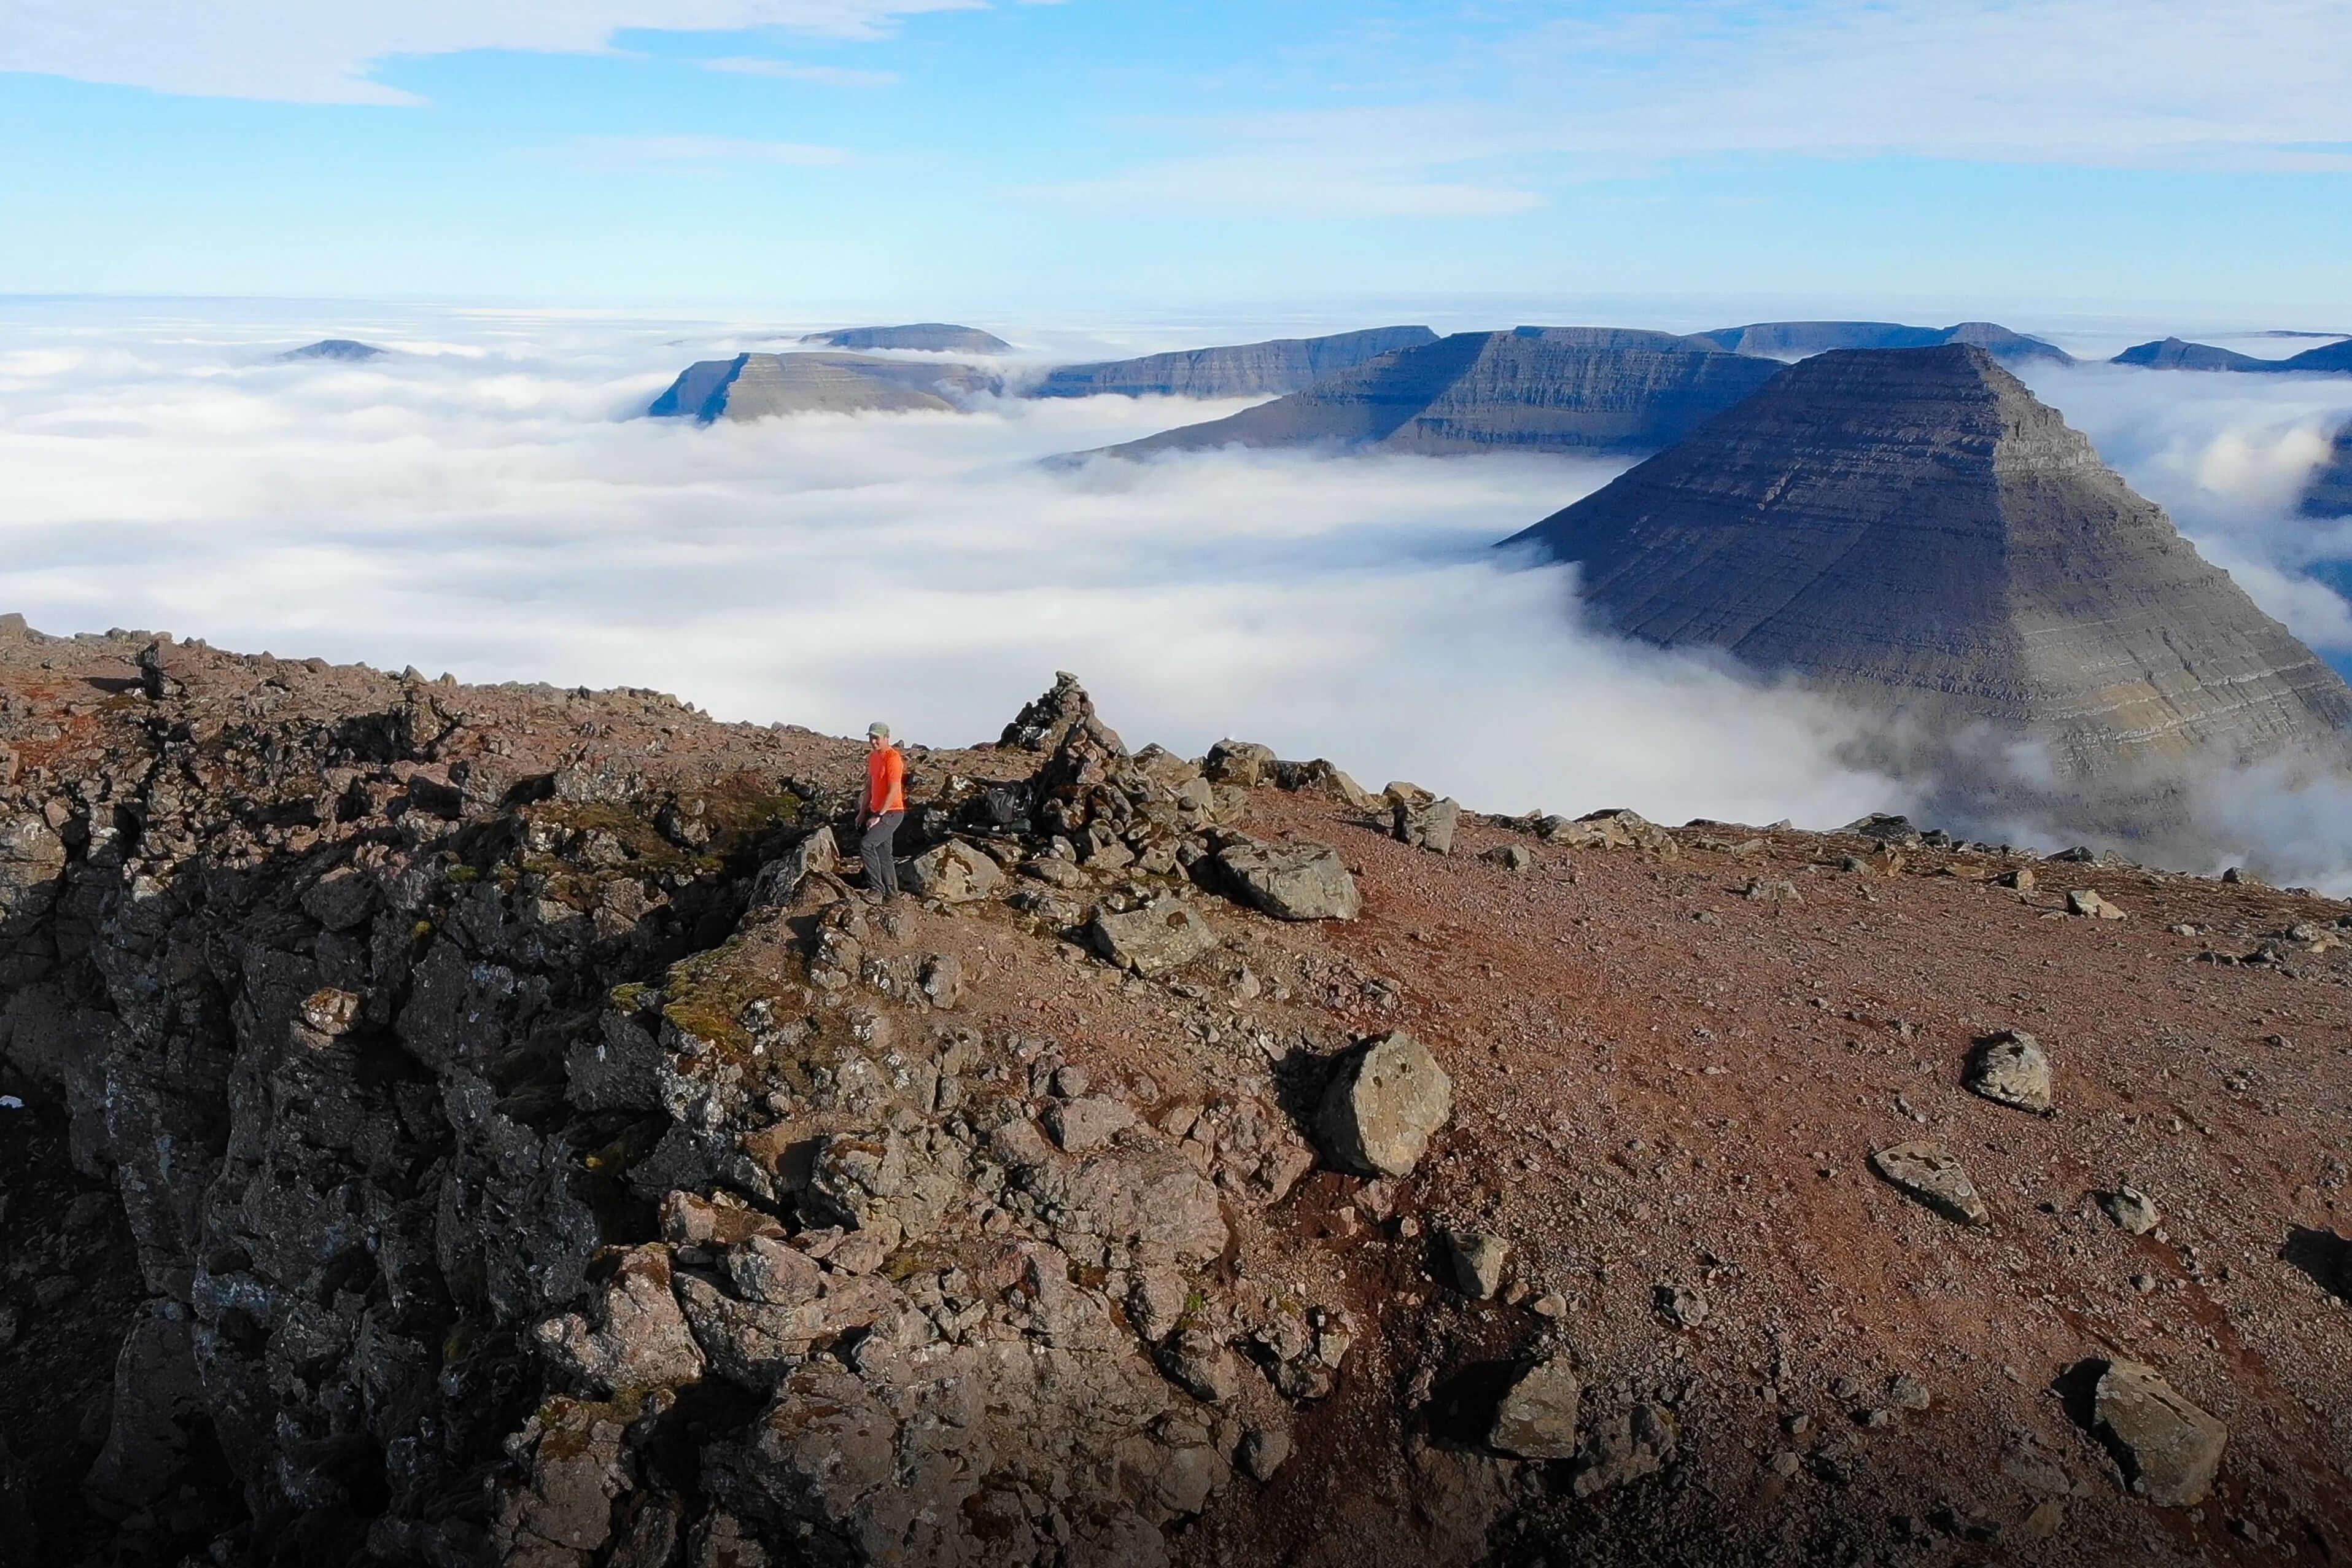 Villingadalsfjall Peak